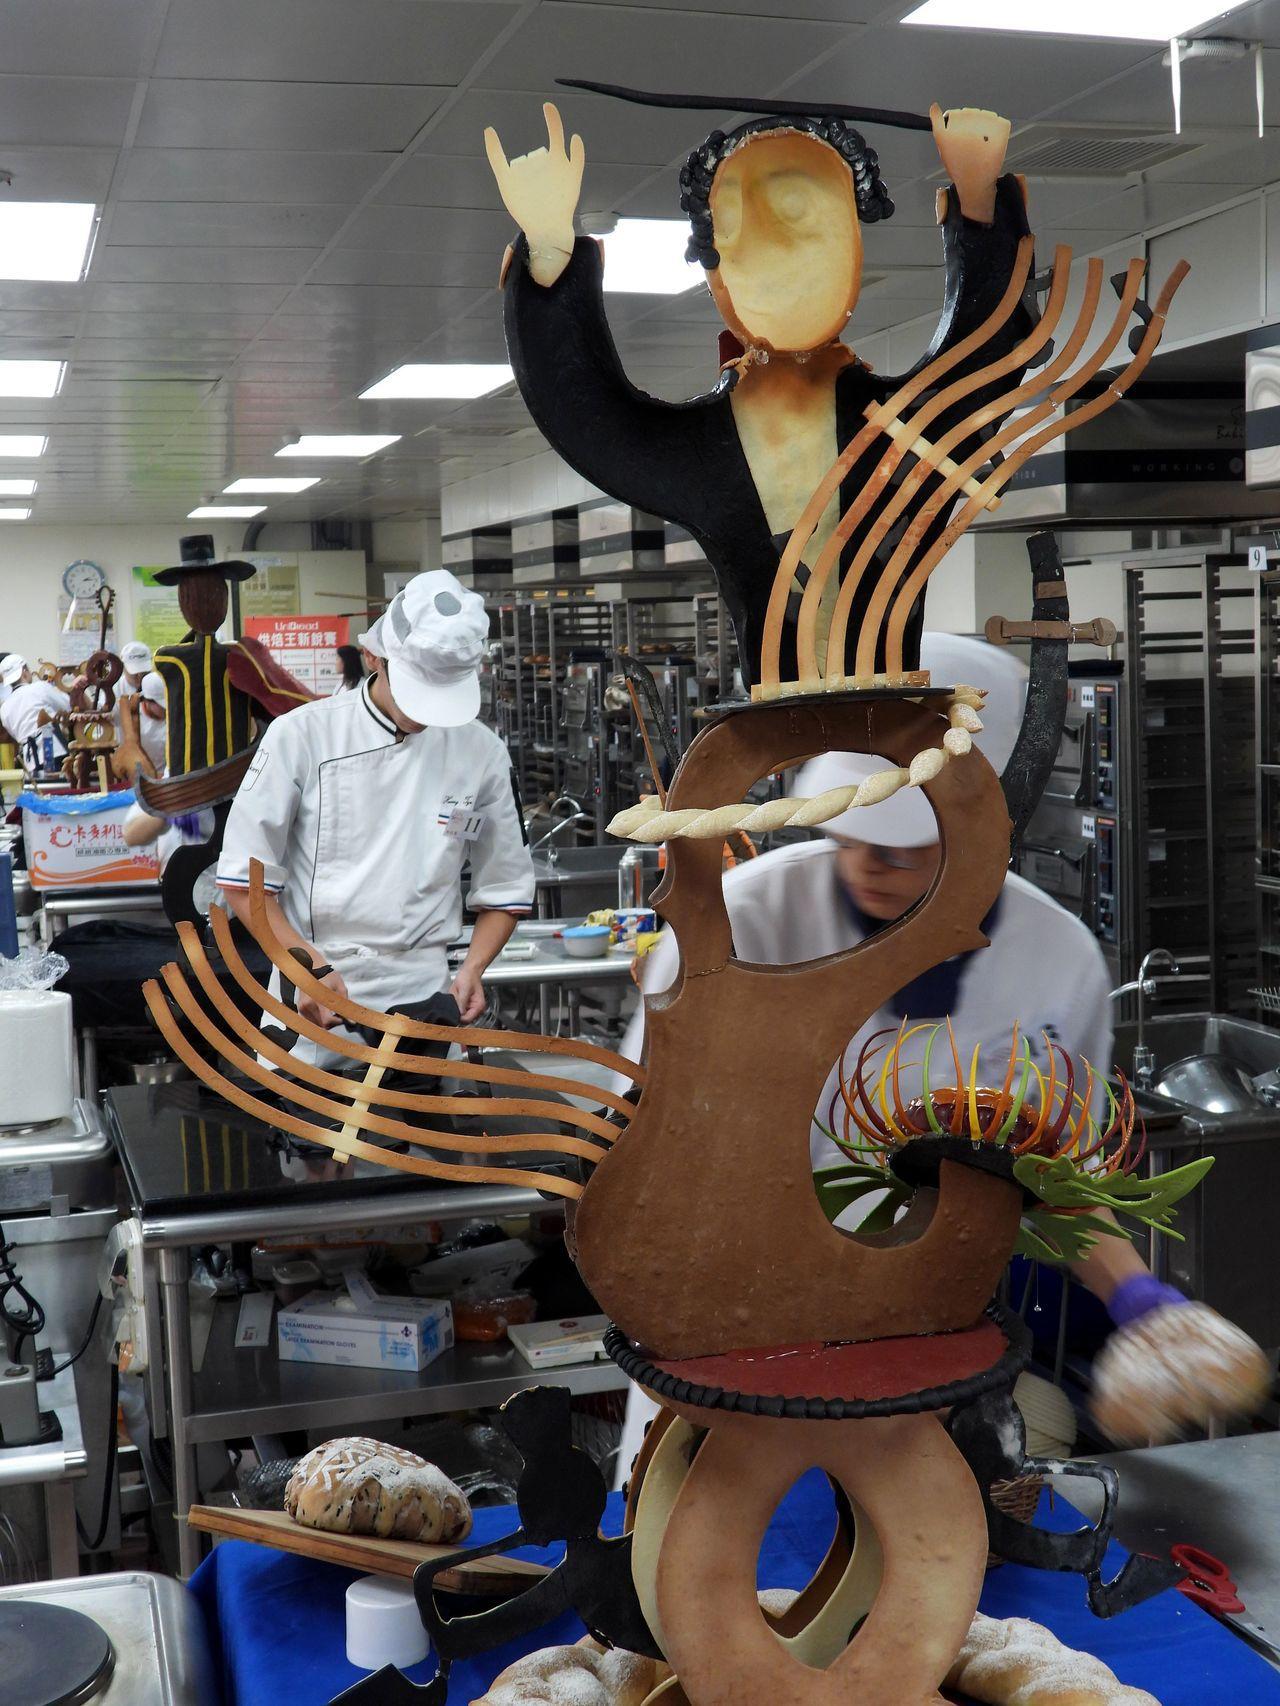 參賽學生專注組合事先設計烘焙的作品材料。記者周宗禎/攝影